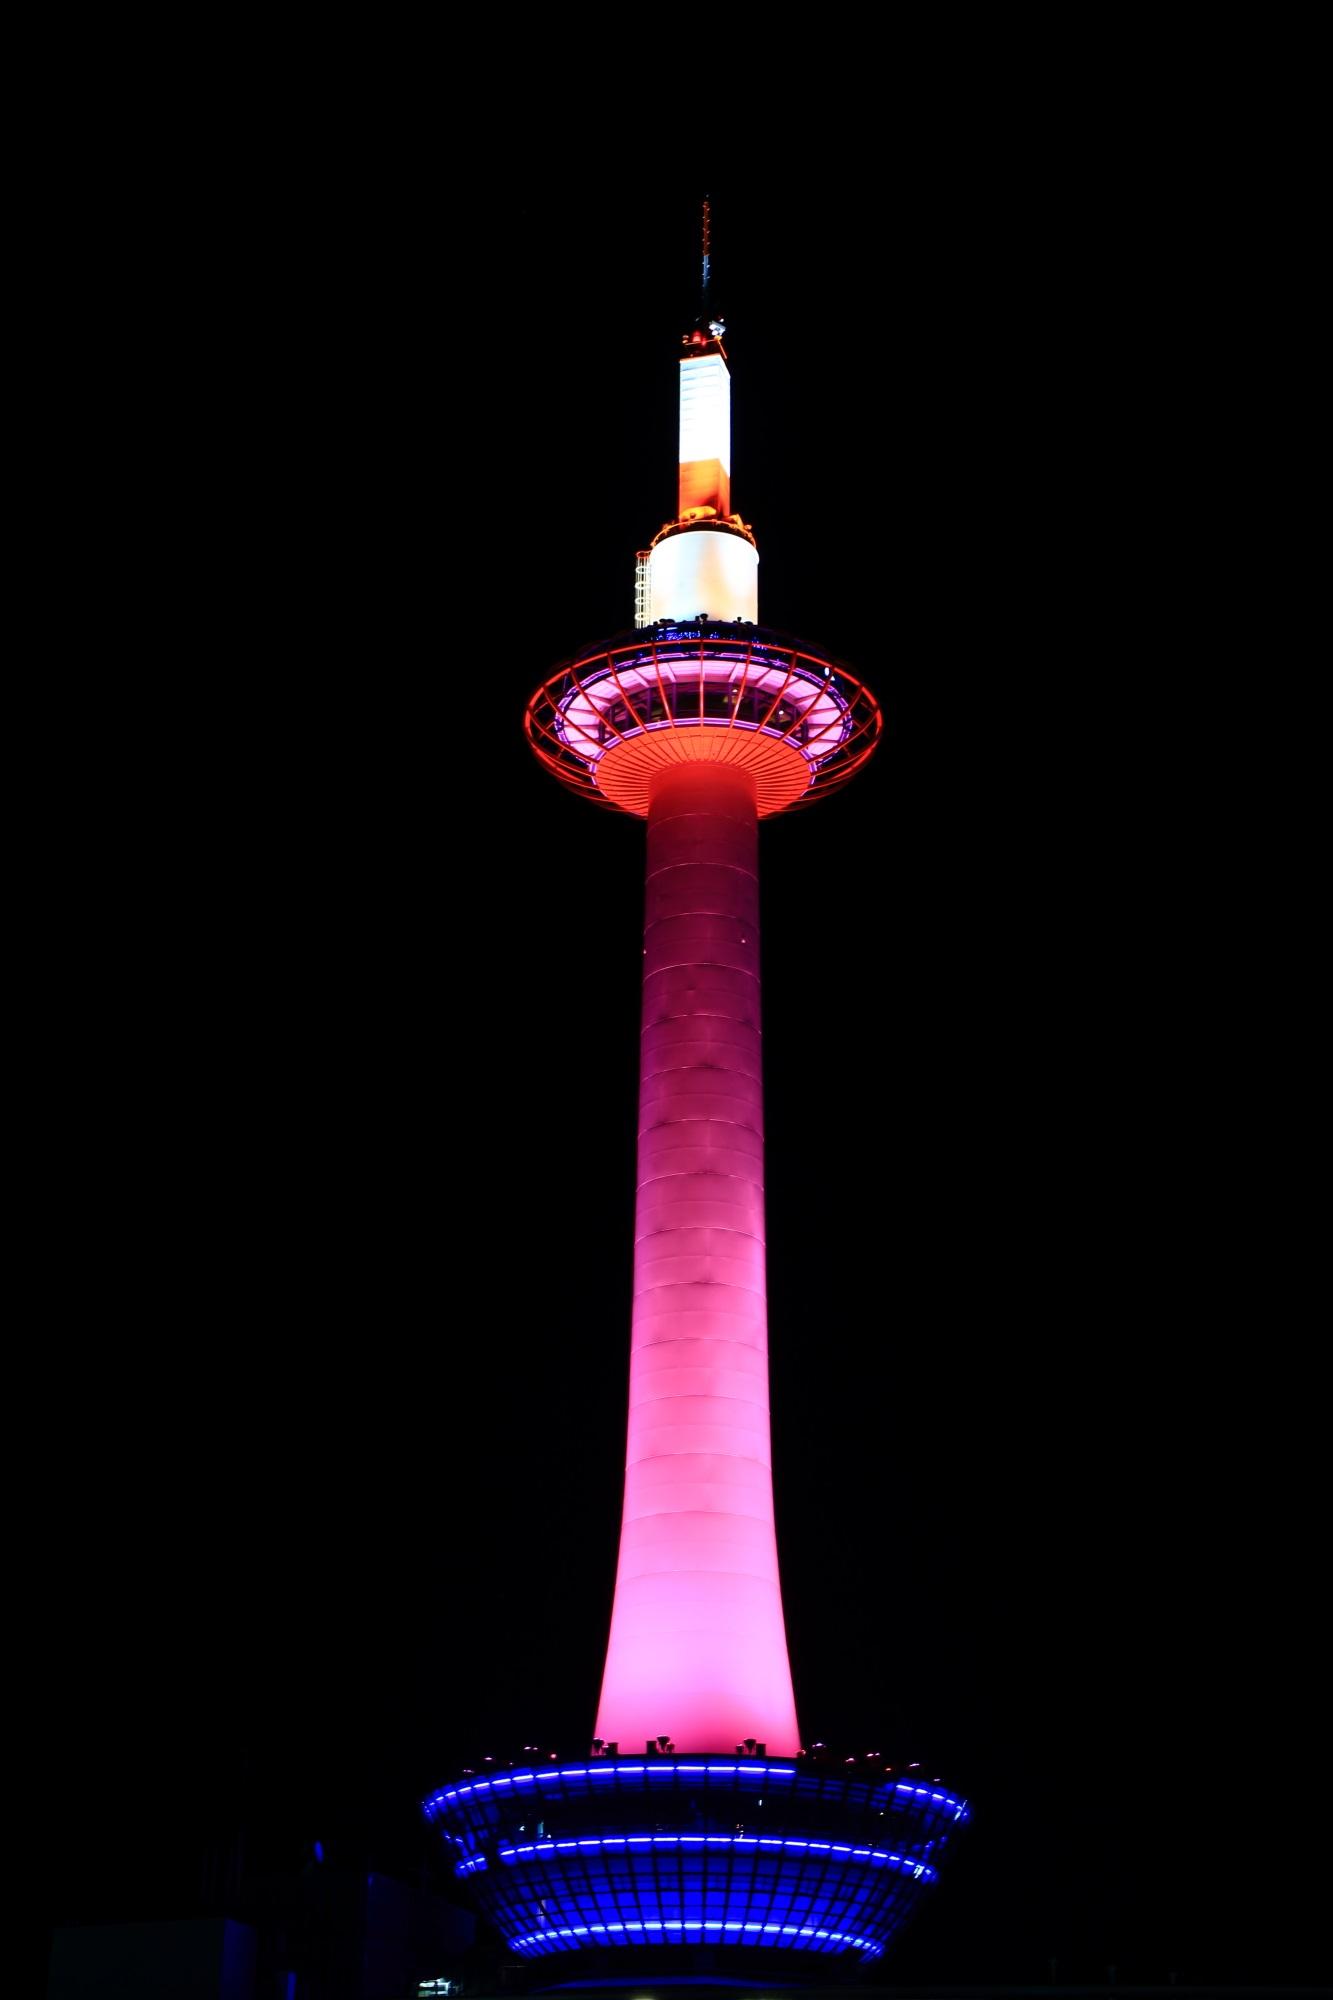 ピンクリボン活動の京都タワーのピンクのライトアップ